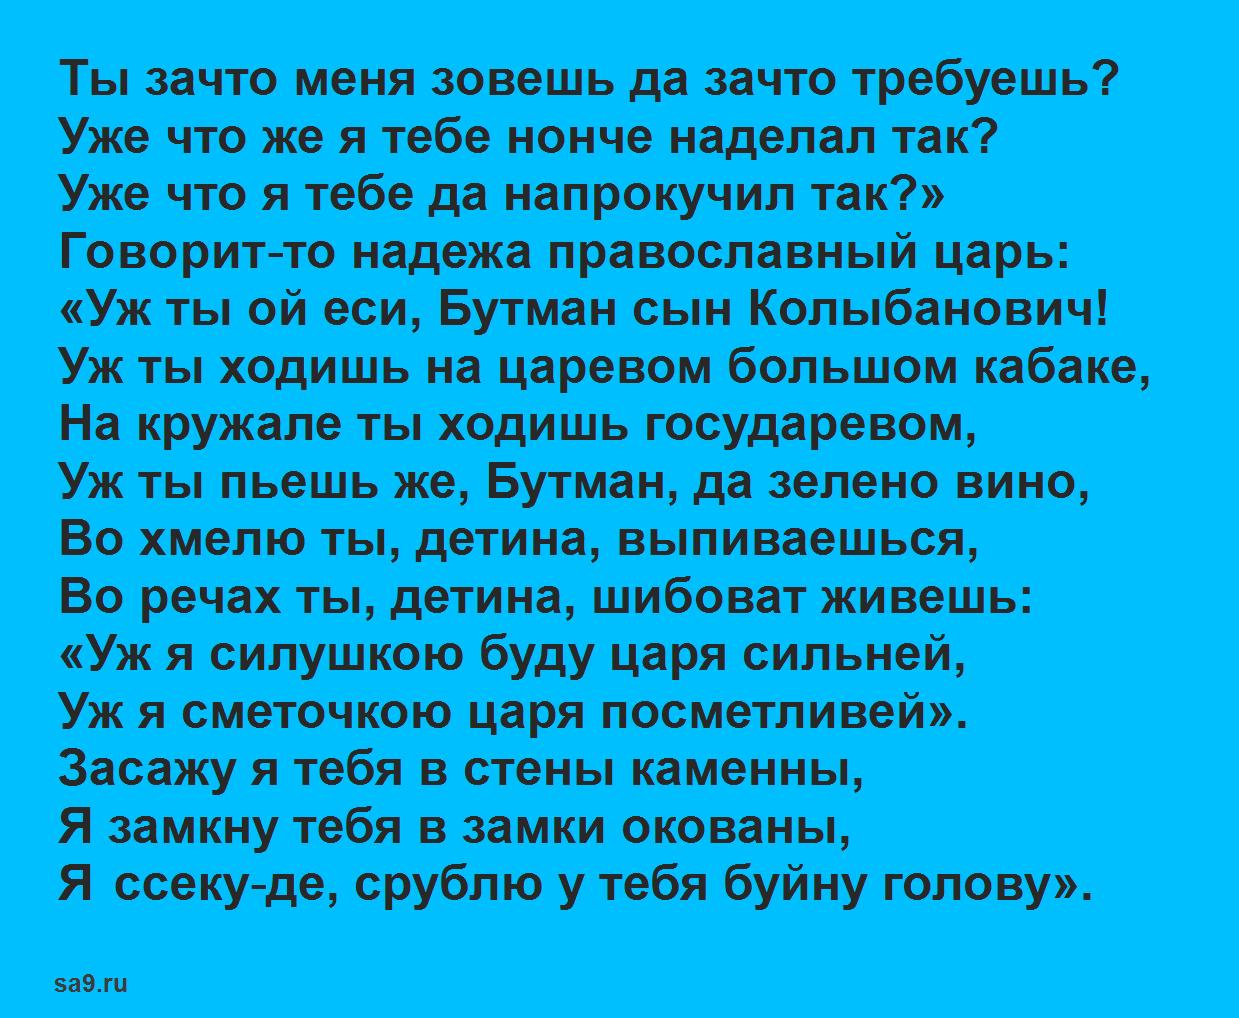 Читать русскую народную былину - Бутман Колыбанович